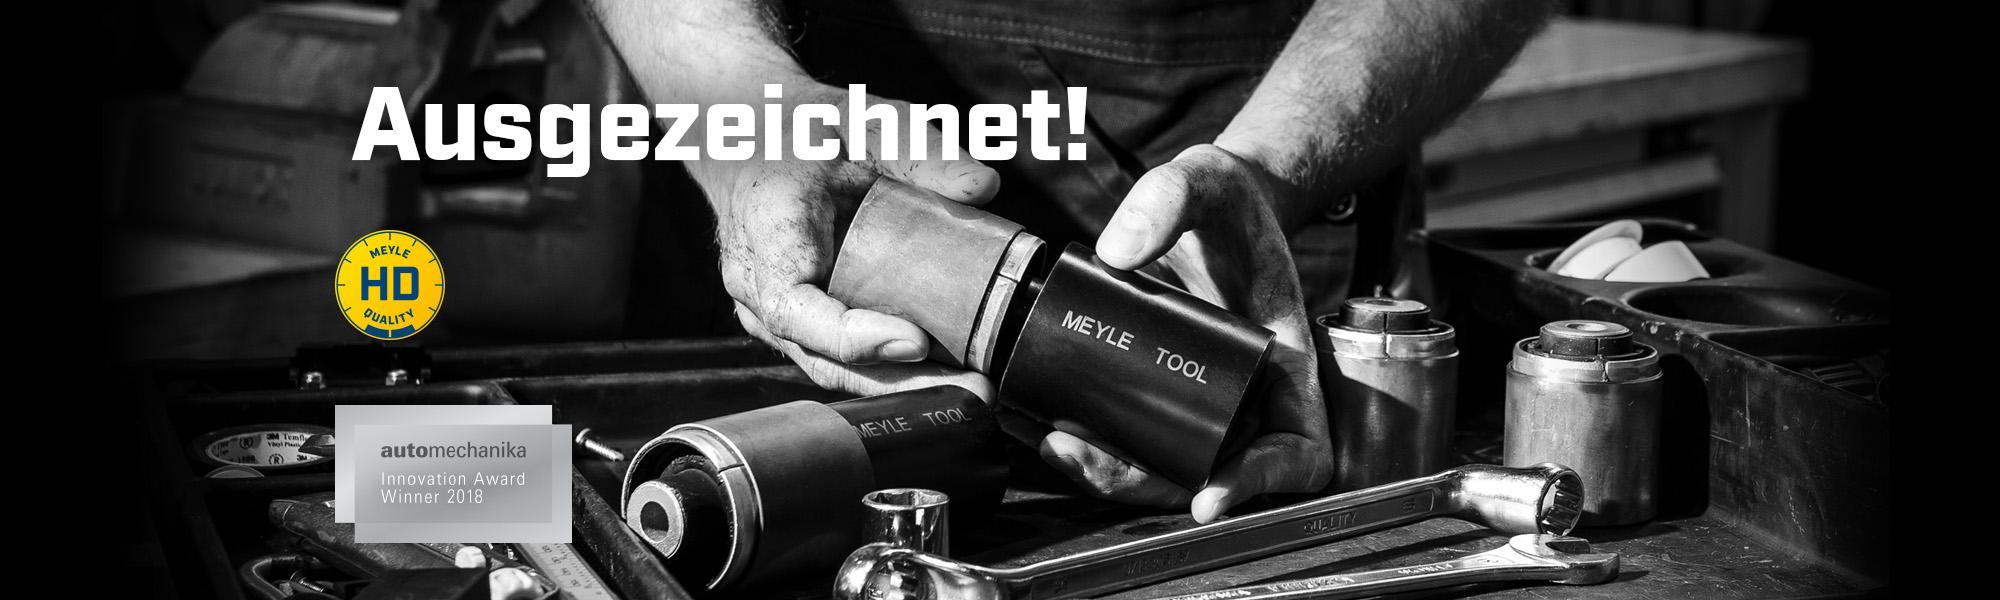 HD-Schlitzbuchsen